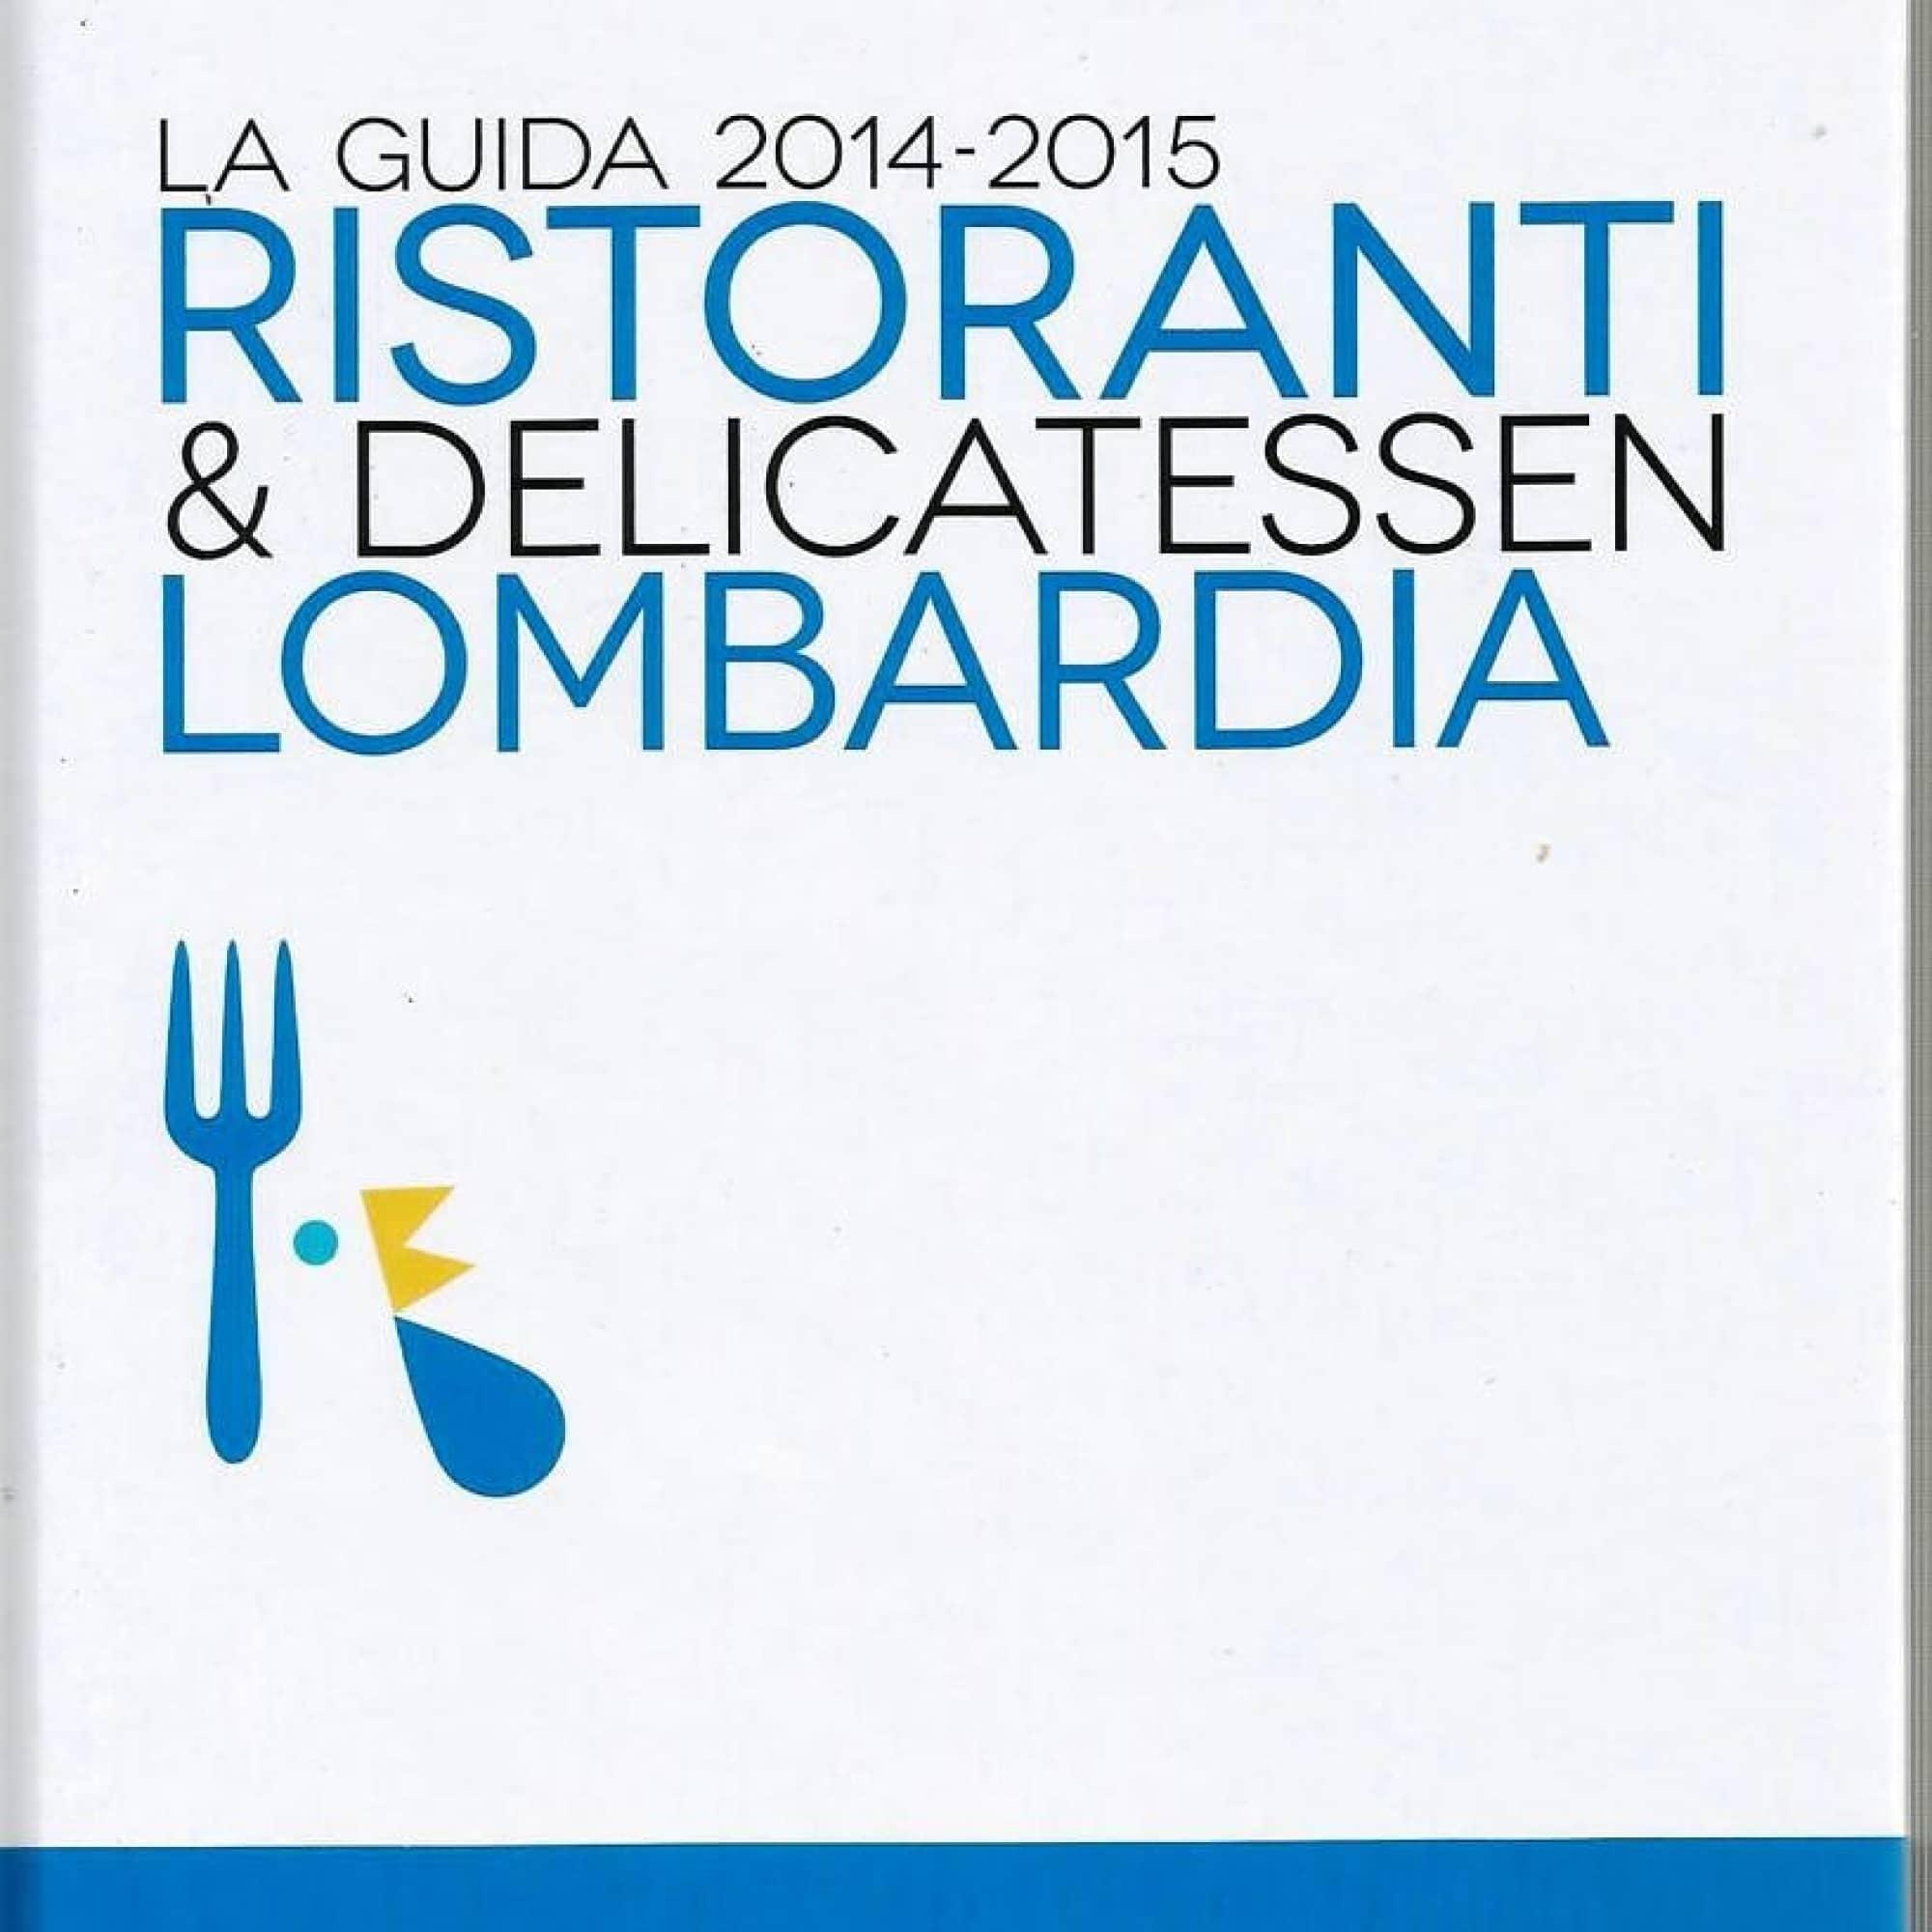 Ristoranti e Delicatessen Lombardia 2015